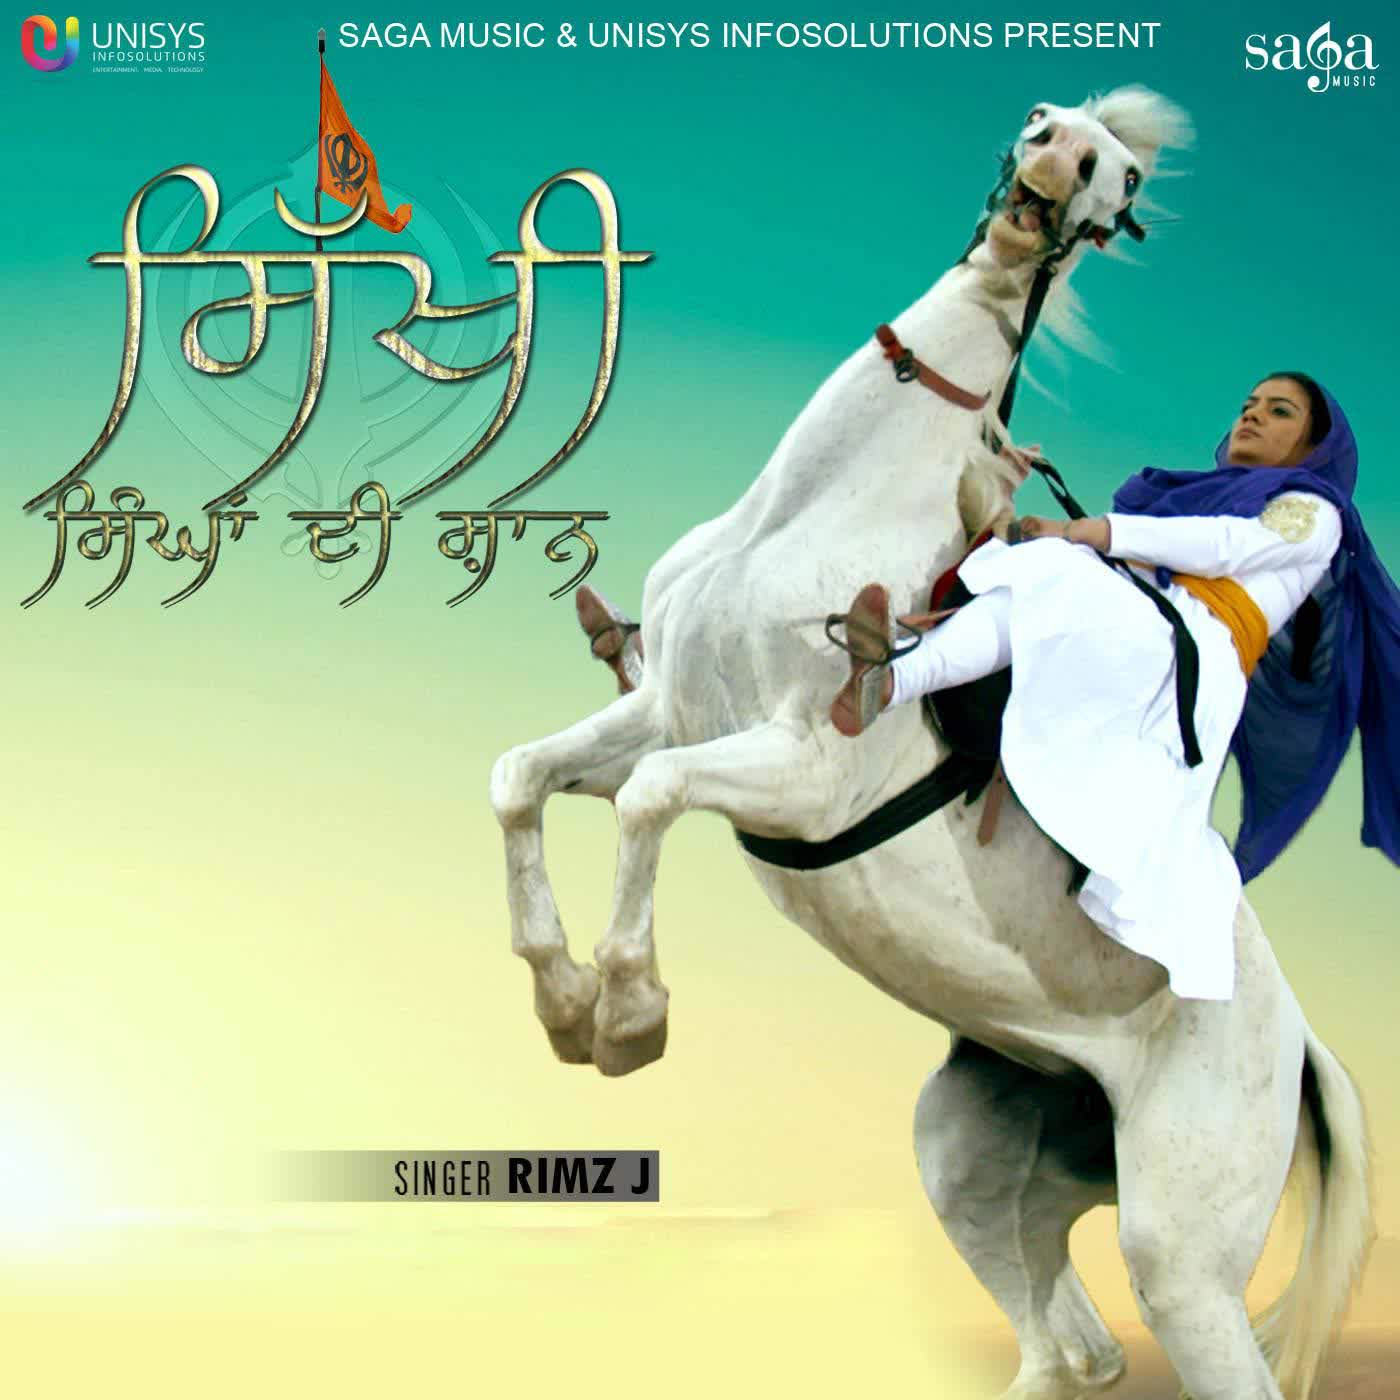 Sikhi Singhan Di Shaan Rimz J